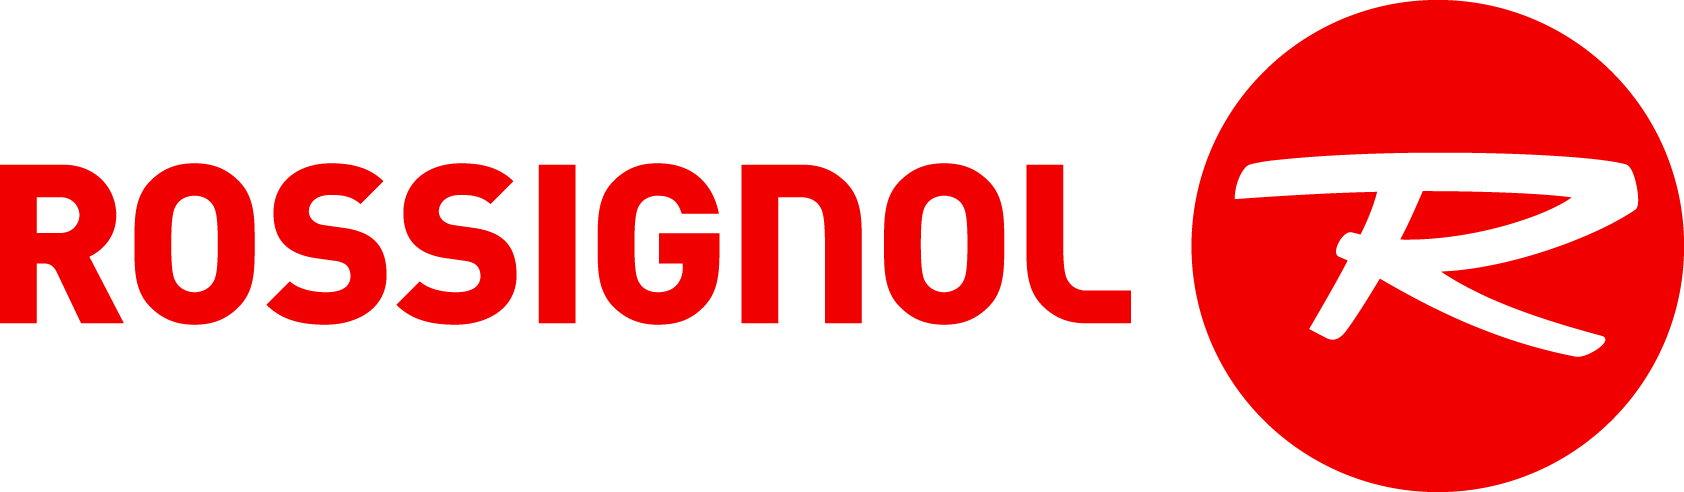 Página oficial de Rossignol.